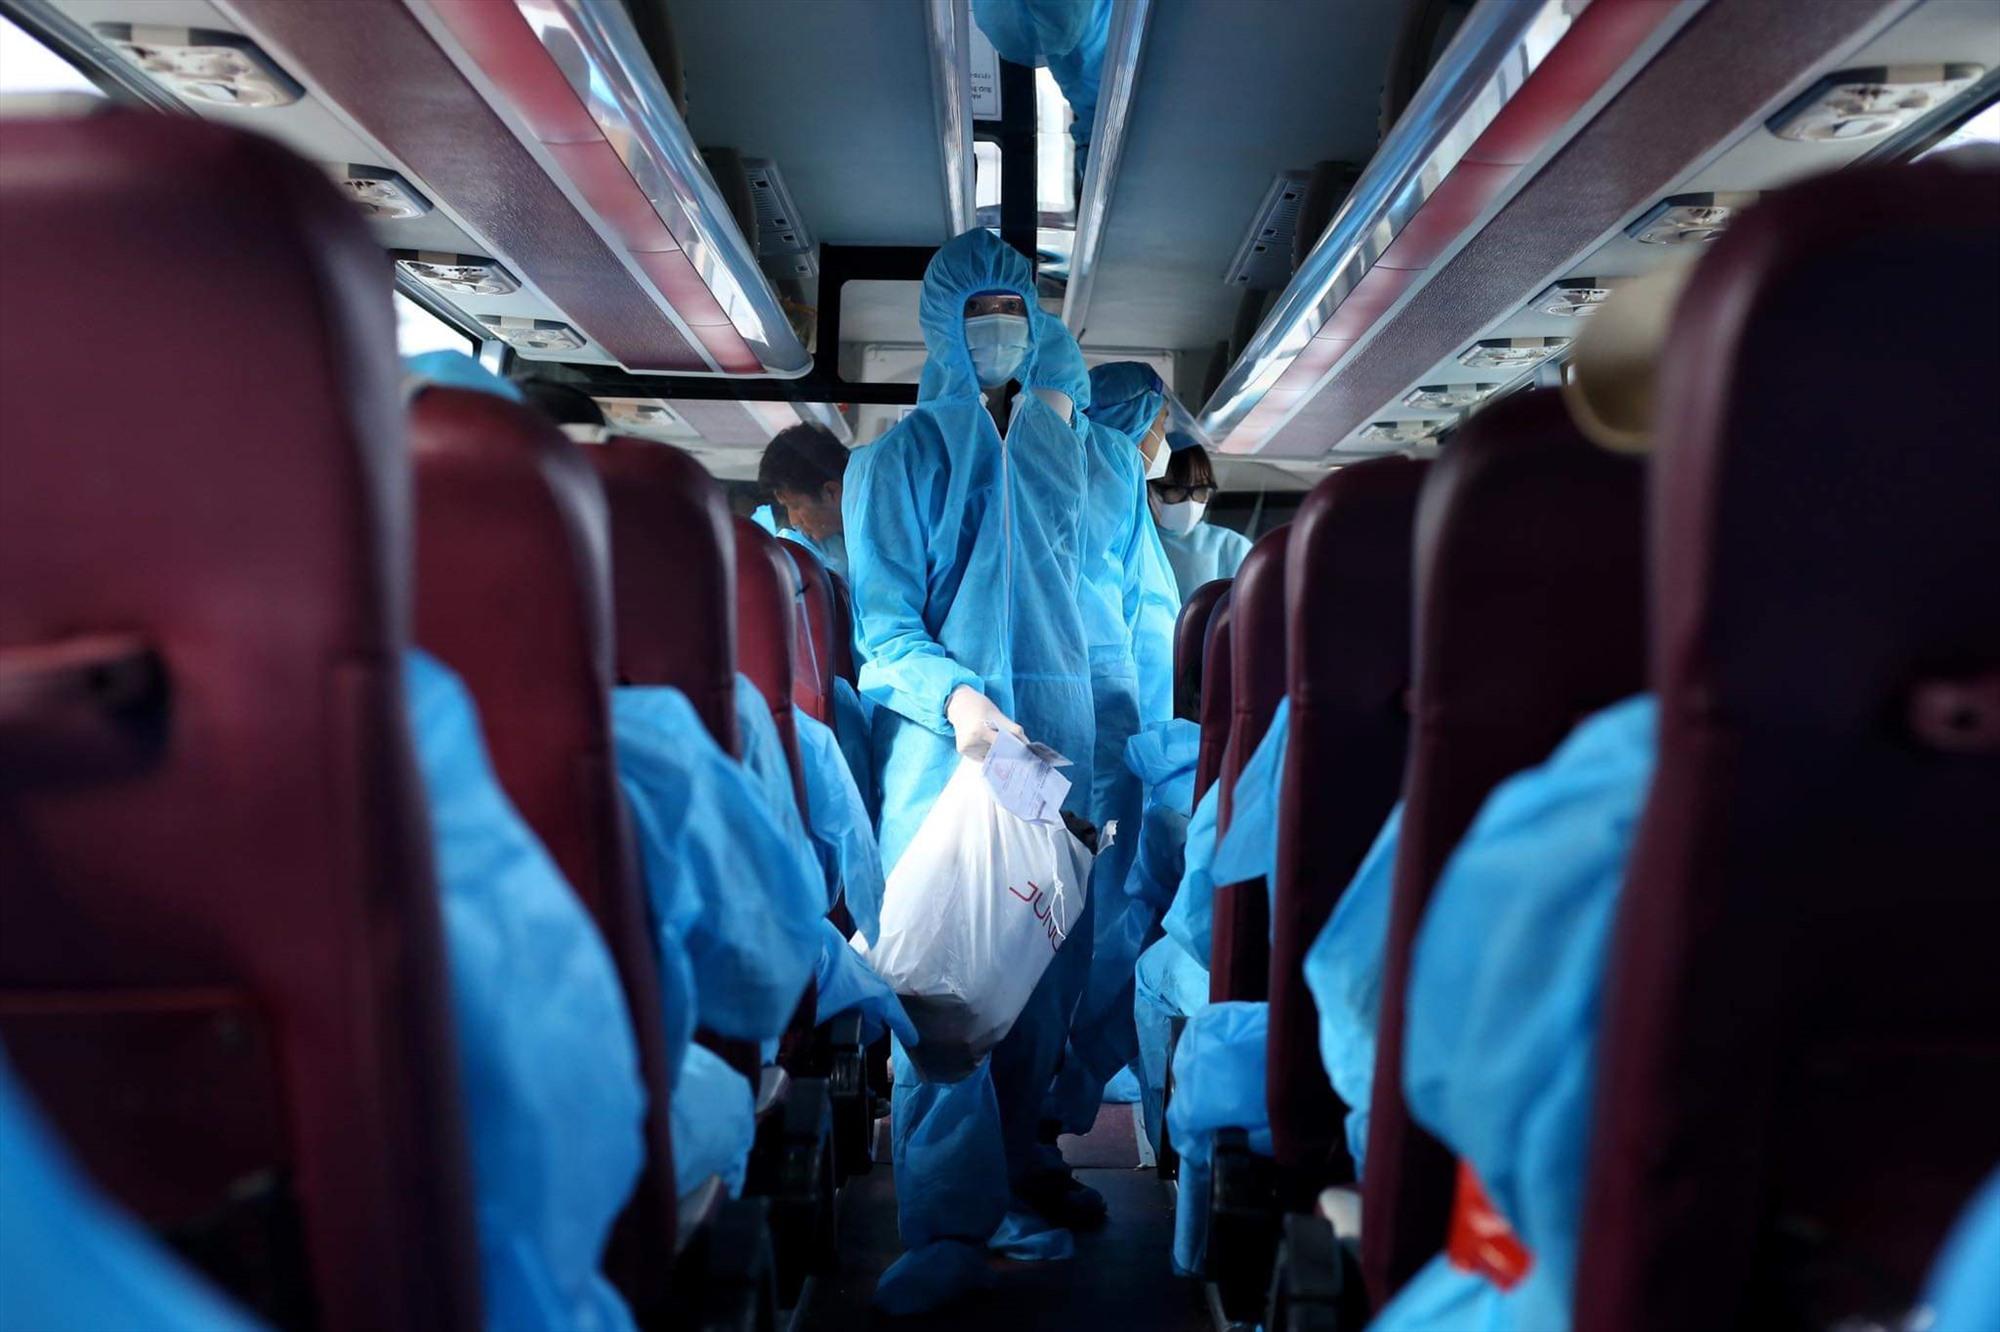 Hướng dẫn người dân chấp hành yêu cầu 5K của Bộ Y tế trước khi lên xe.